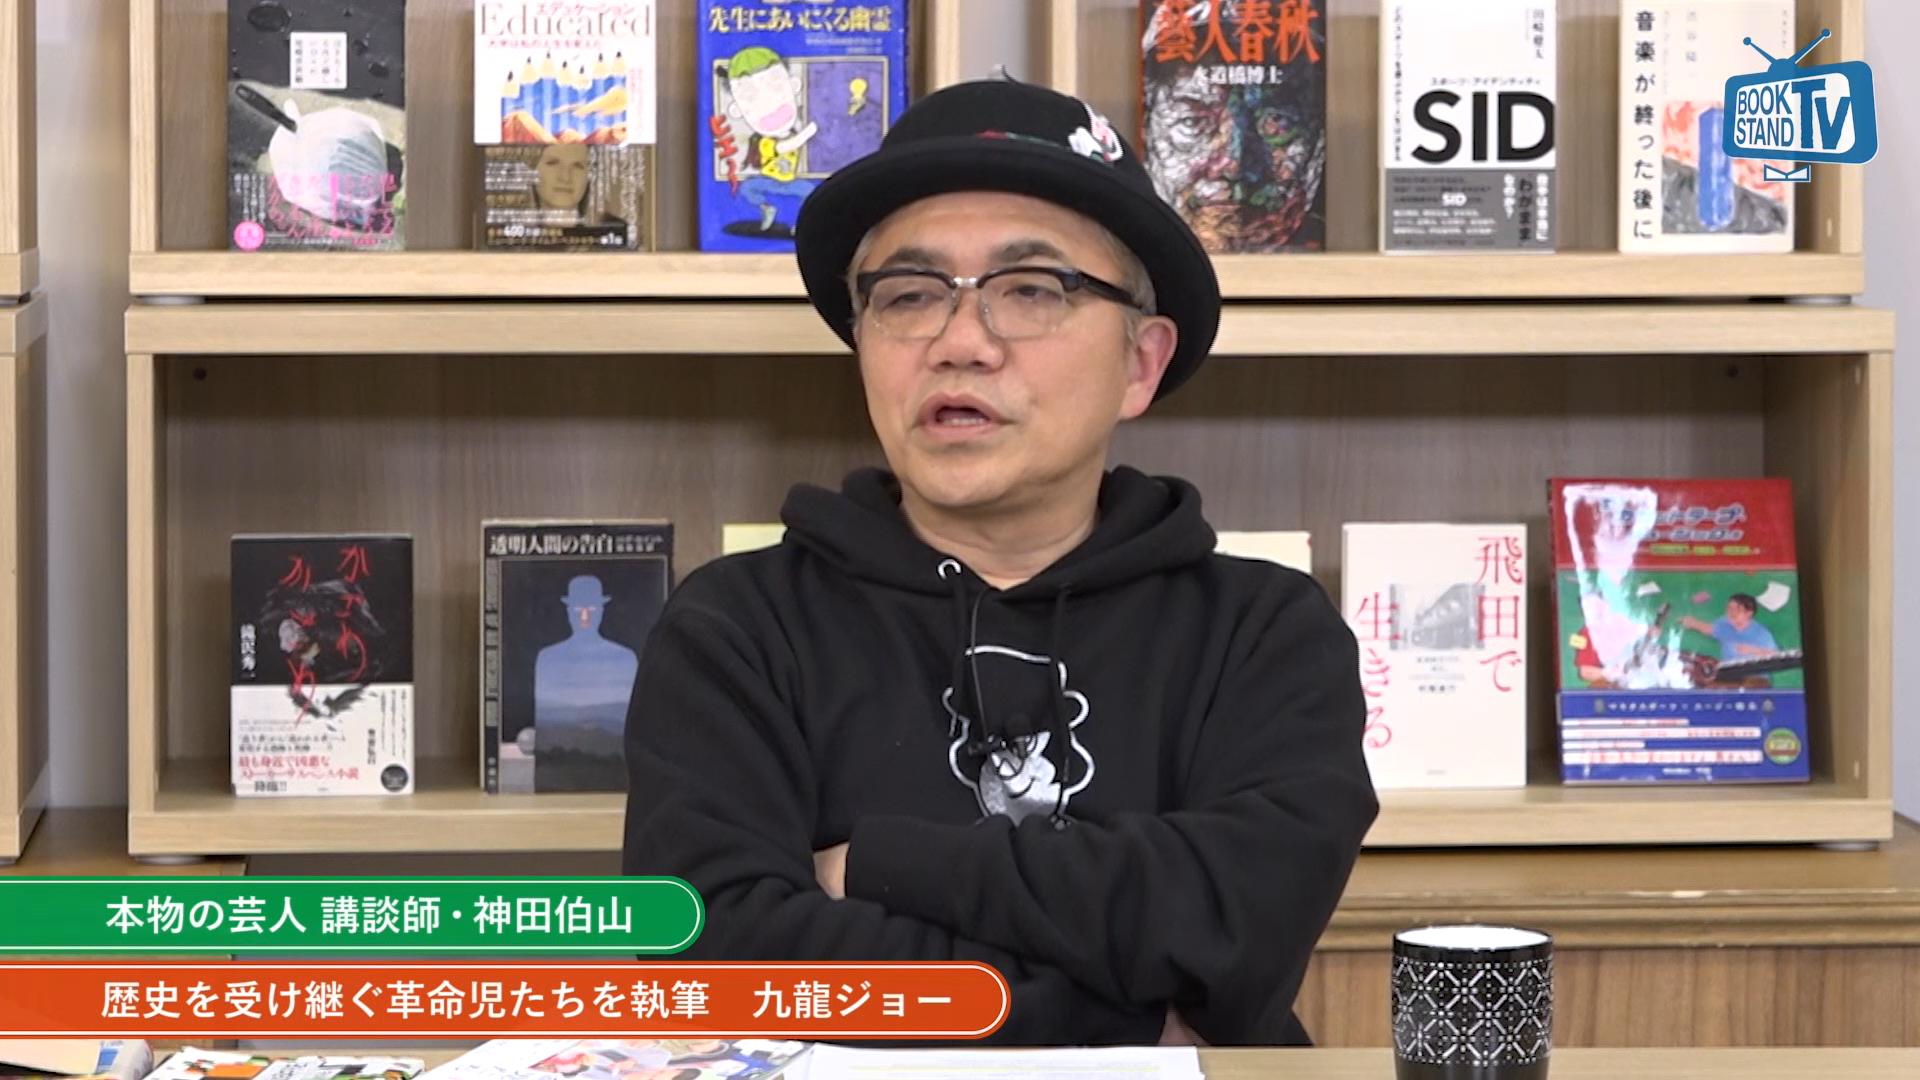 「ライター・編集者の九龍ジョーと伝統芸能を語る 」~水道橋博士、原カントくん Part1 - STOVE | Yahoo! JAPAN